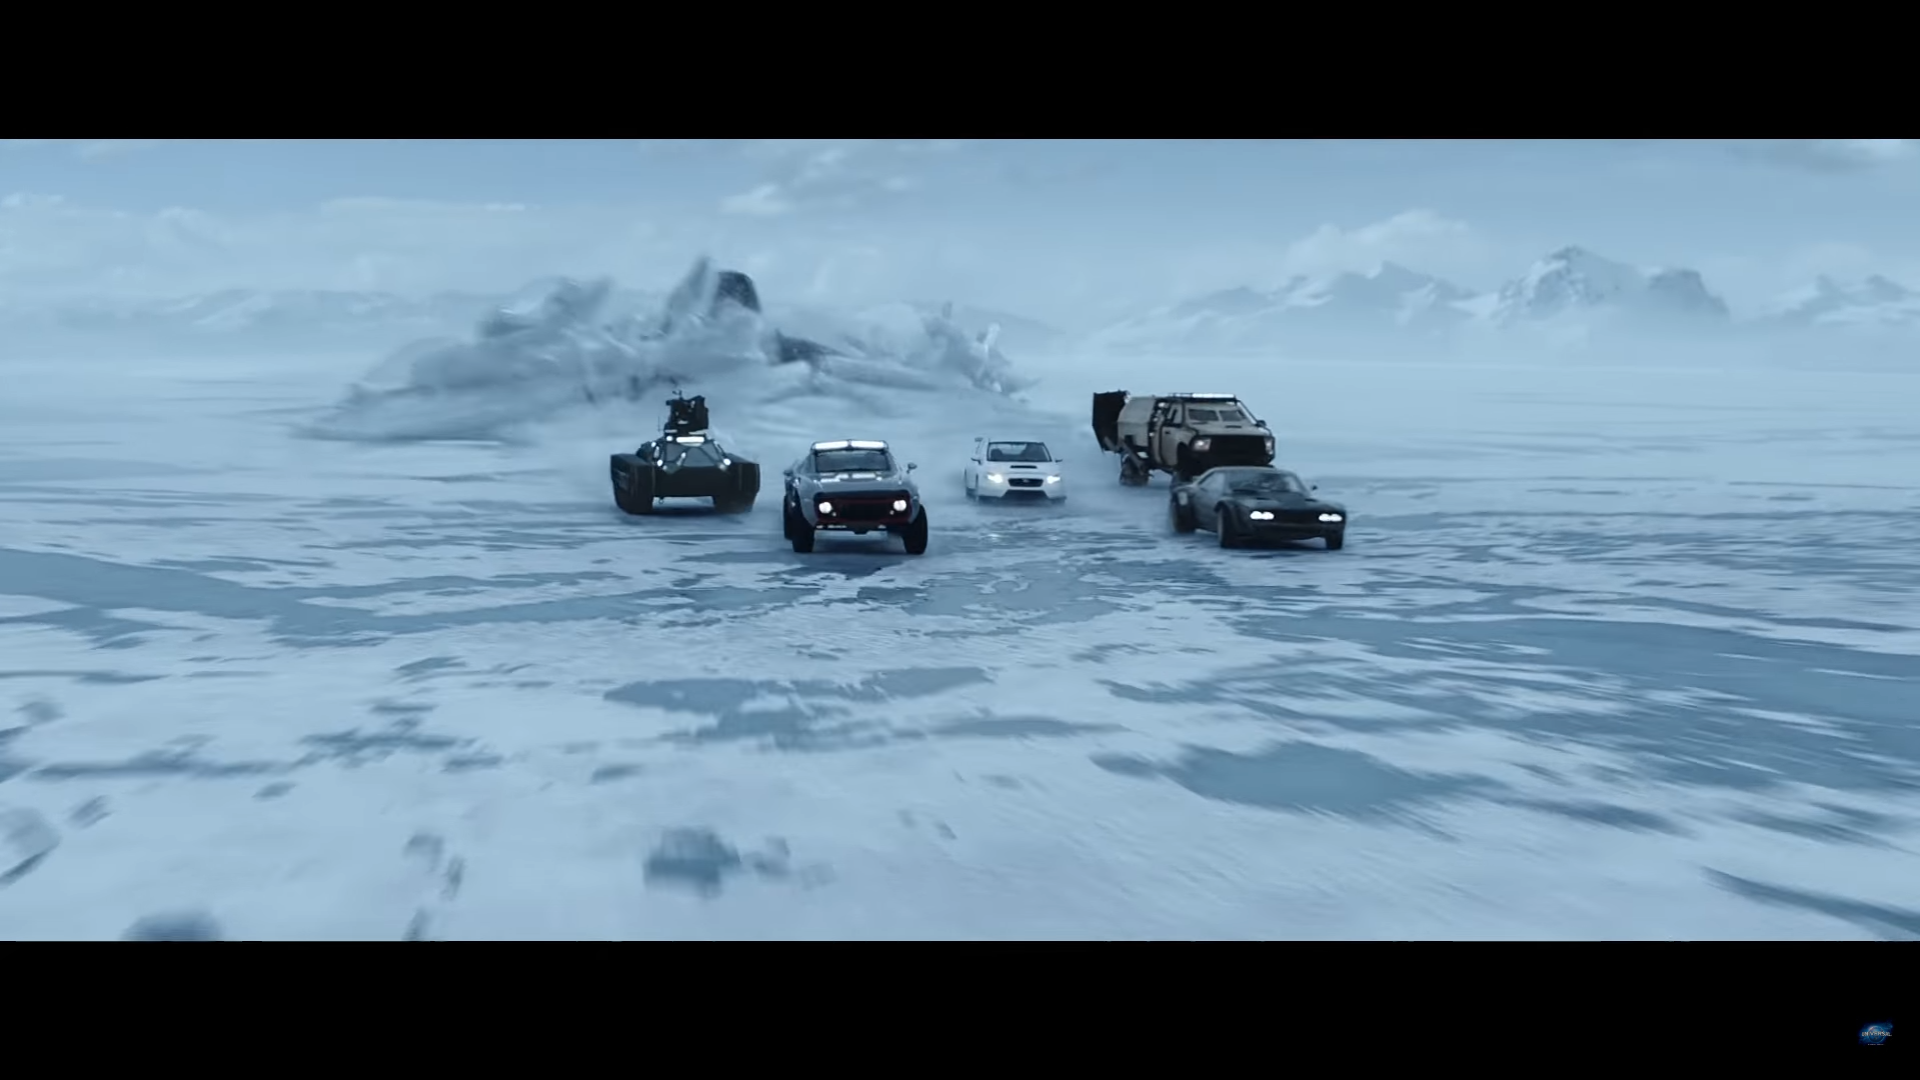 Dit Zijn Alle Auto S Uit Fast Amp Furious 8 Topgear Nederland